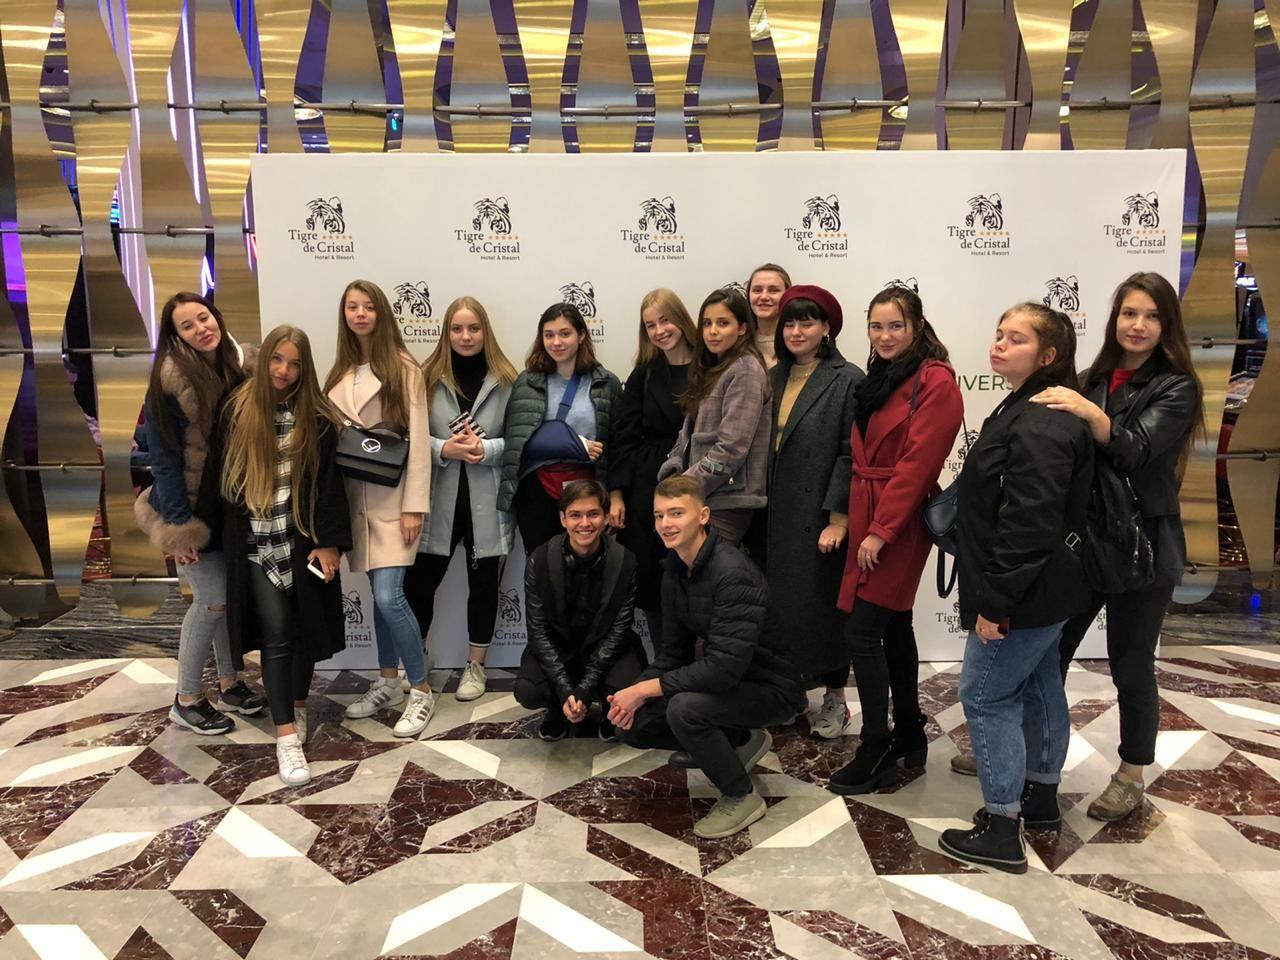 Cтуденты Академического колледжа ВГУЭС посетили отель класса люкс Tigre de Cristal